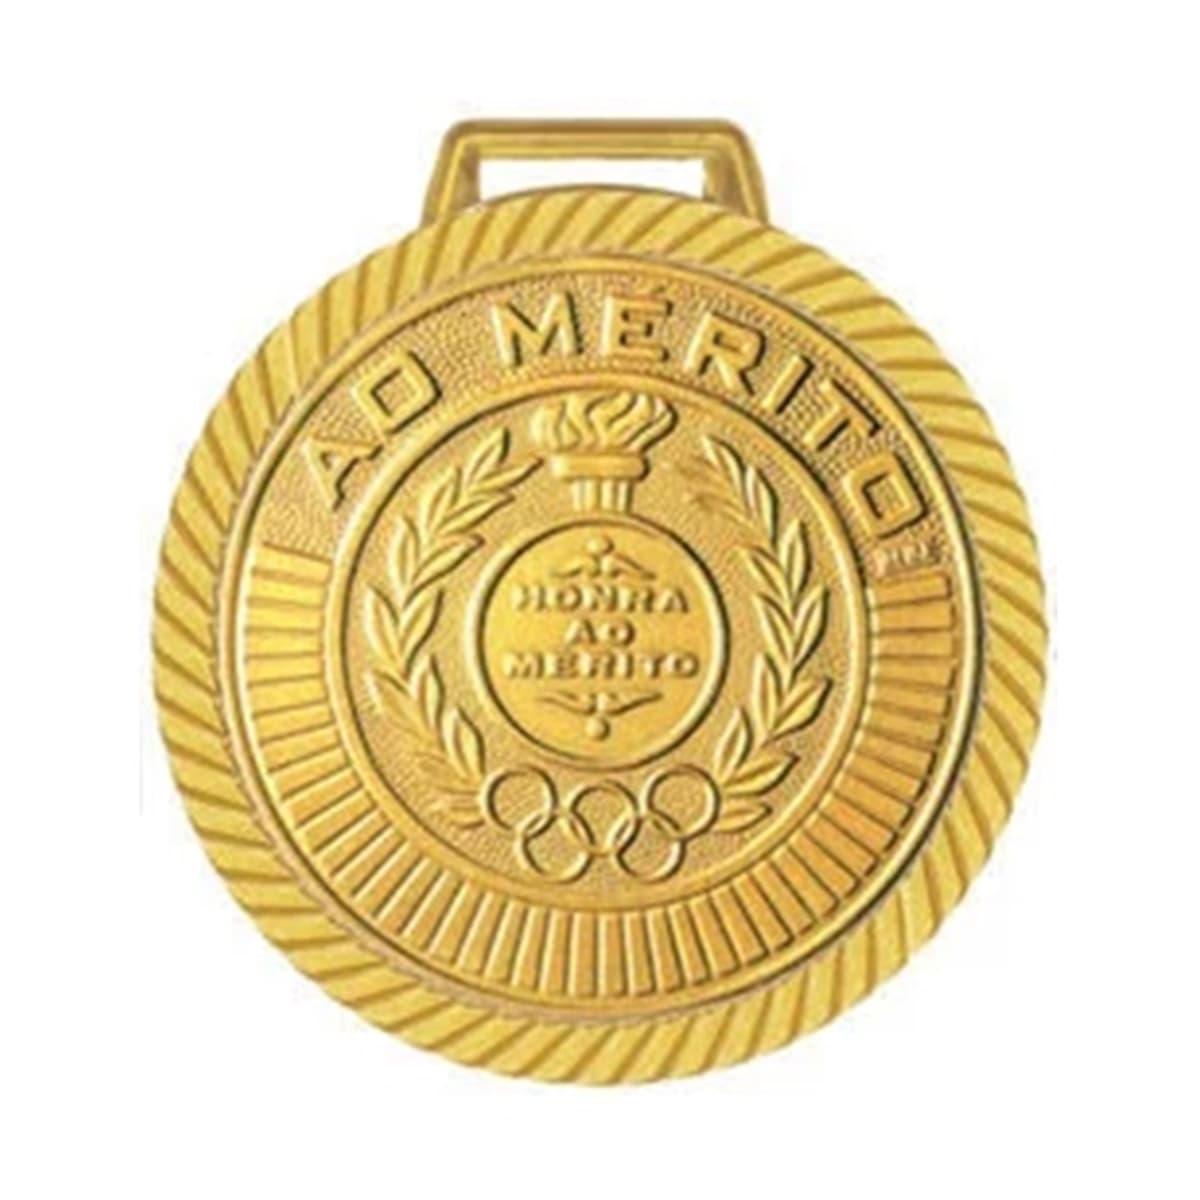 Kit C/50 Medalhas Rema Honra ao Mérito 50mm com Fita